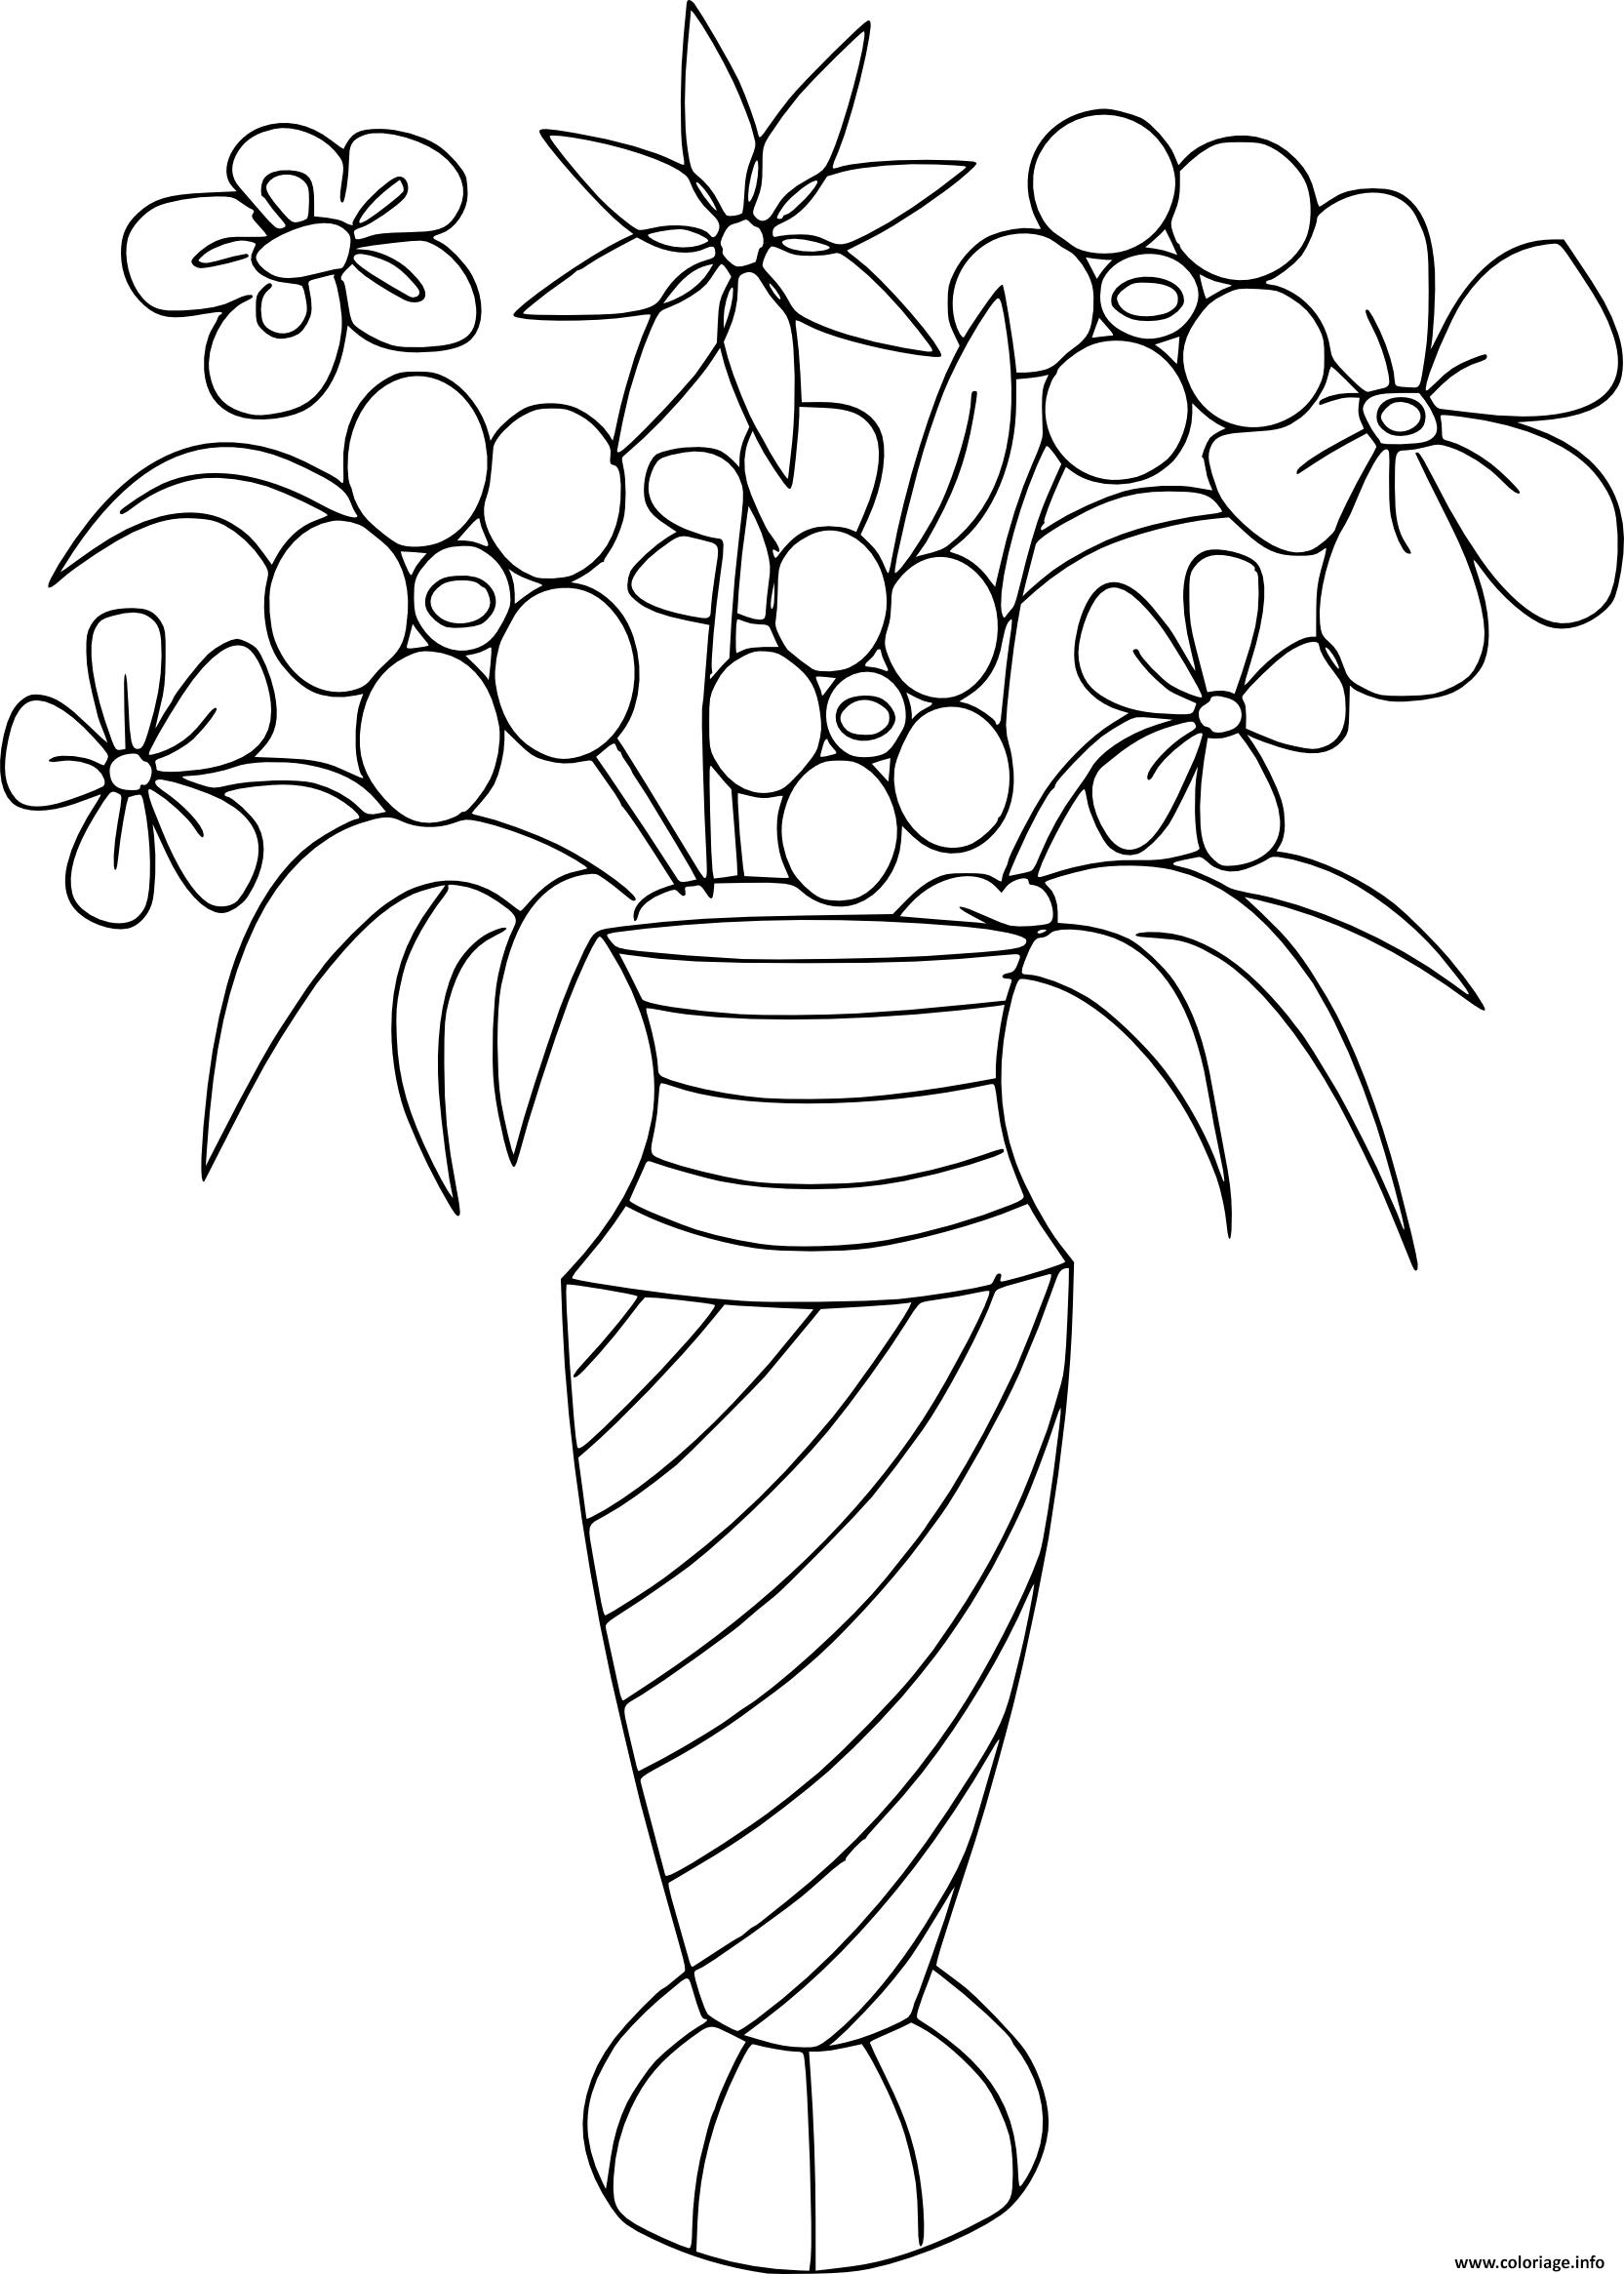 Coloriage Fleur Pot.Coloriage Bouquet De Fleurs Dans Un Pot Dessin